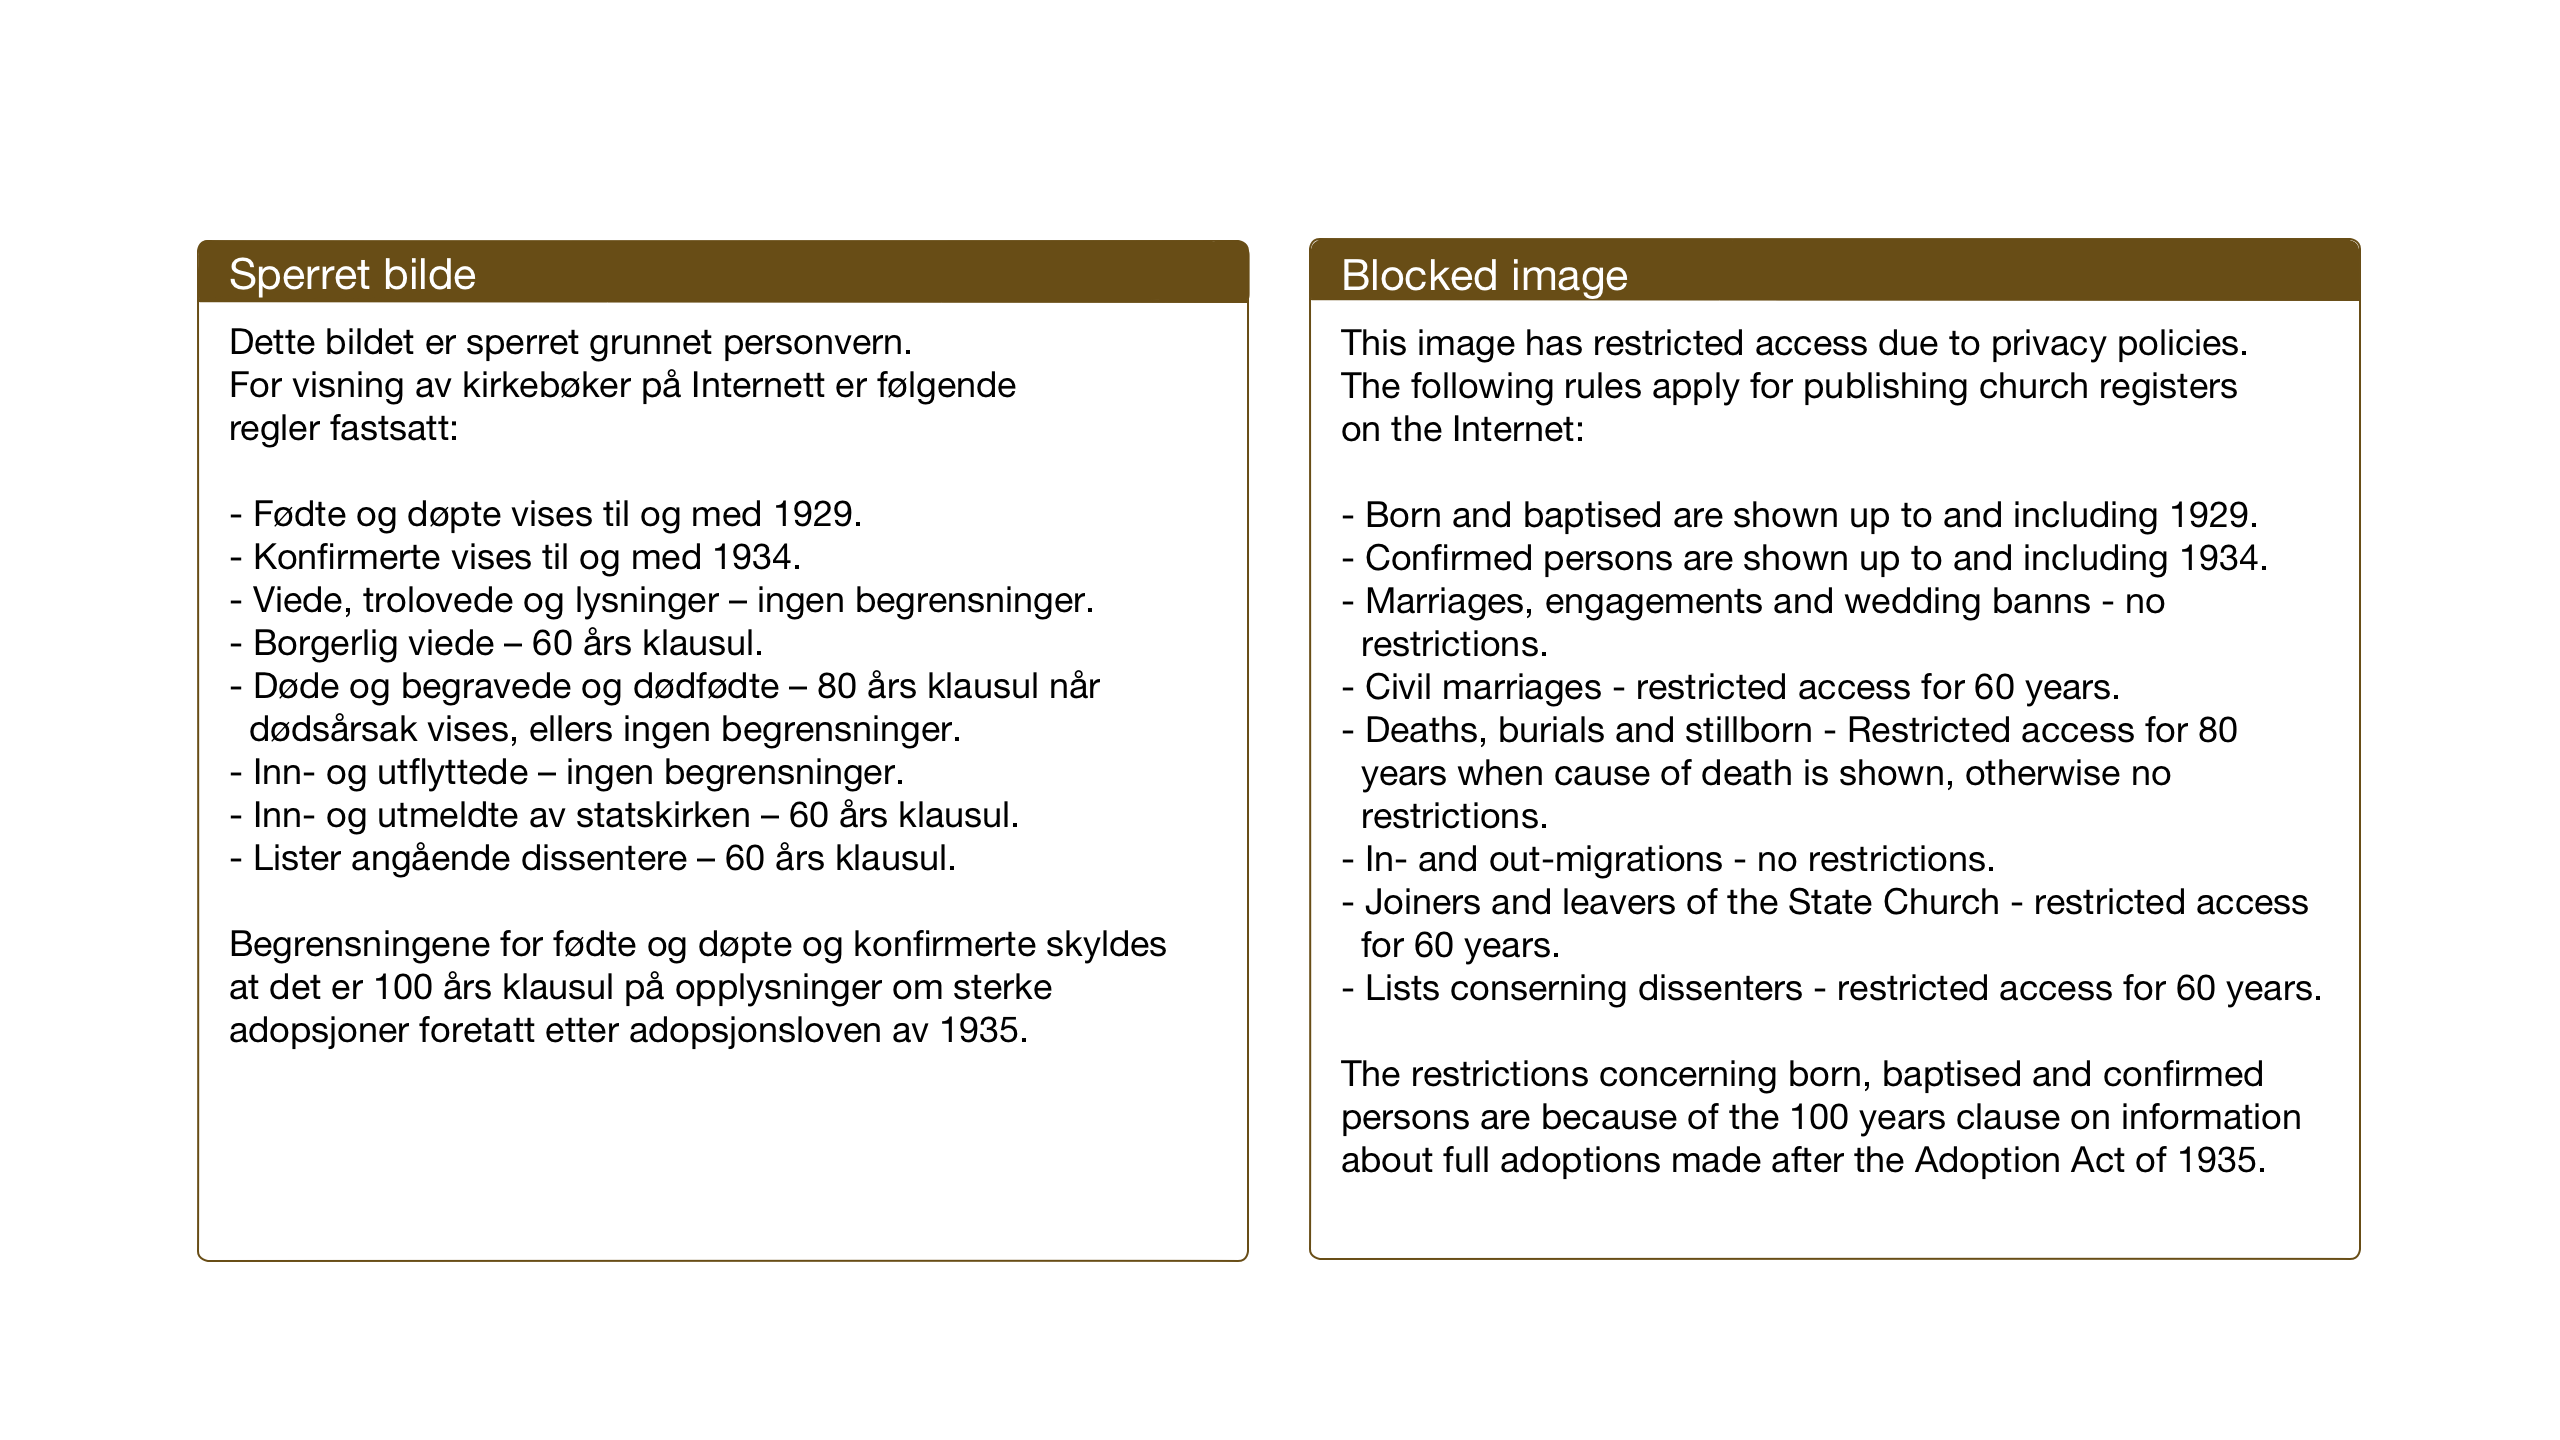 SAT, Ministerialprotokoller, klokkerbøker og fødselsregistre - Sør-Trøndelag, 653/L0658: Klokkerbok nr. 653C02, 1919-1947, s. 220